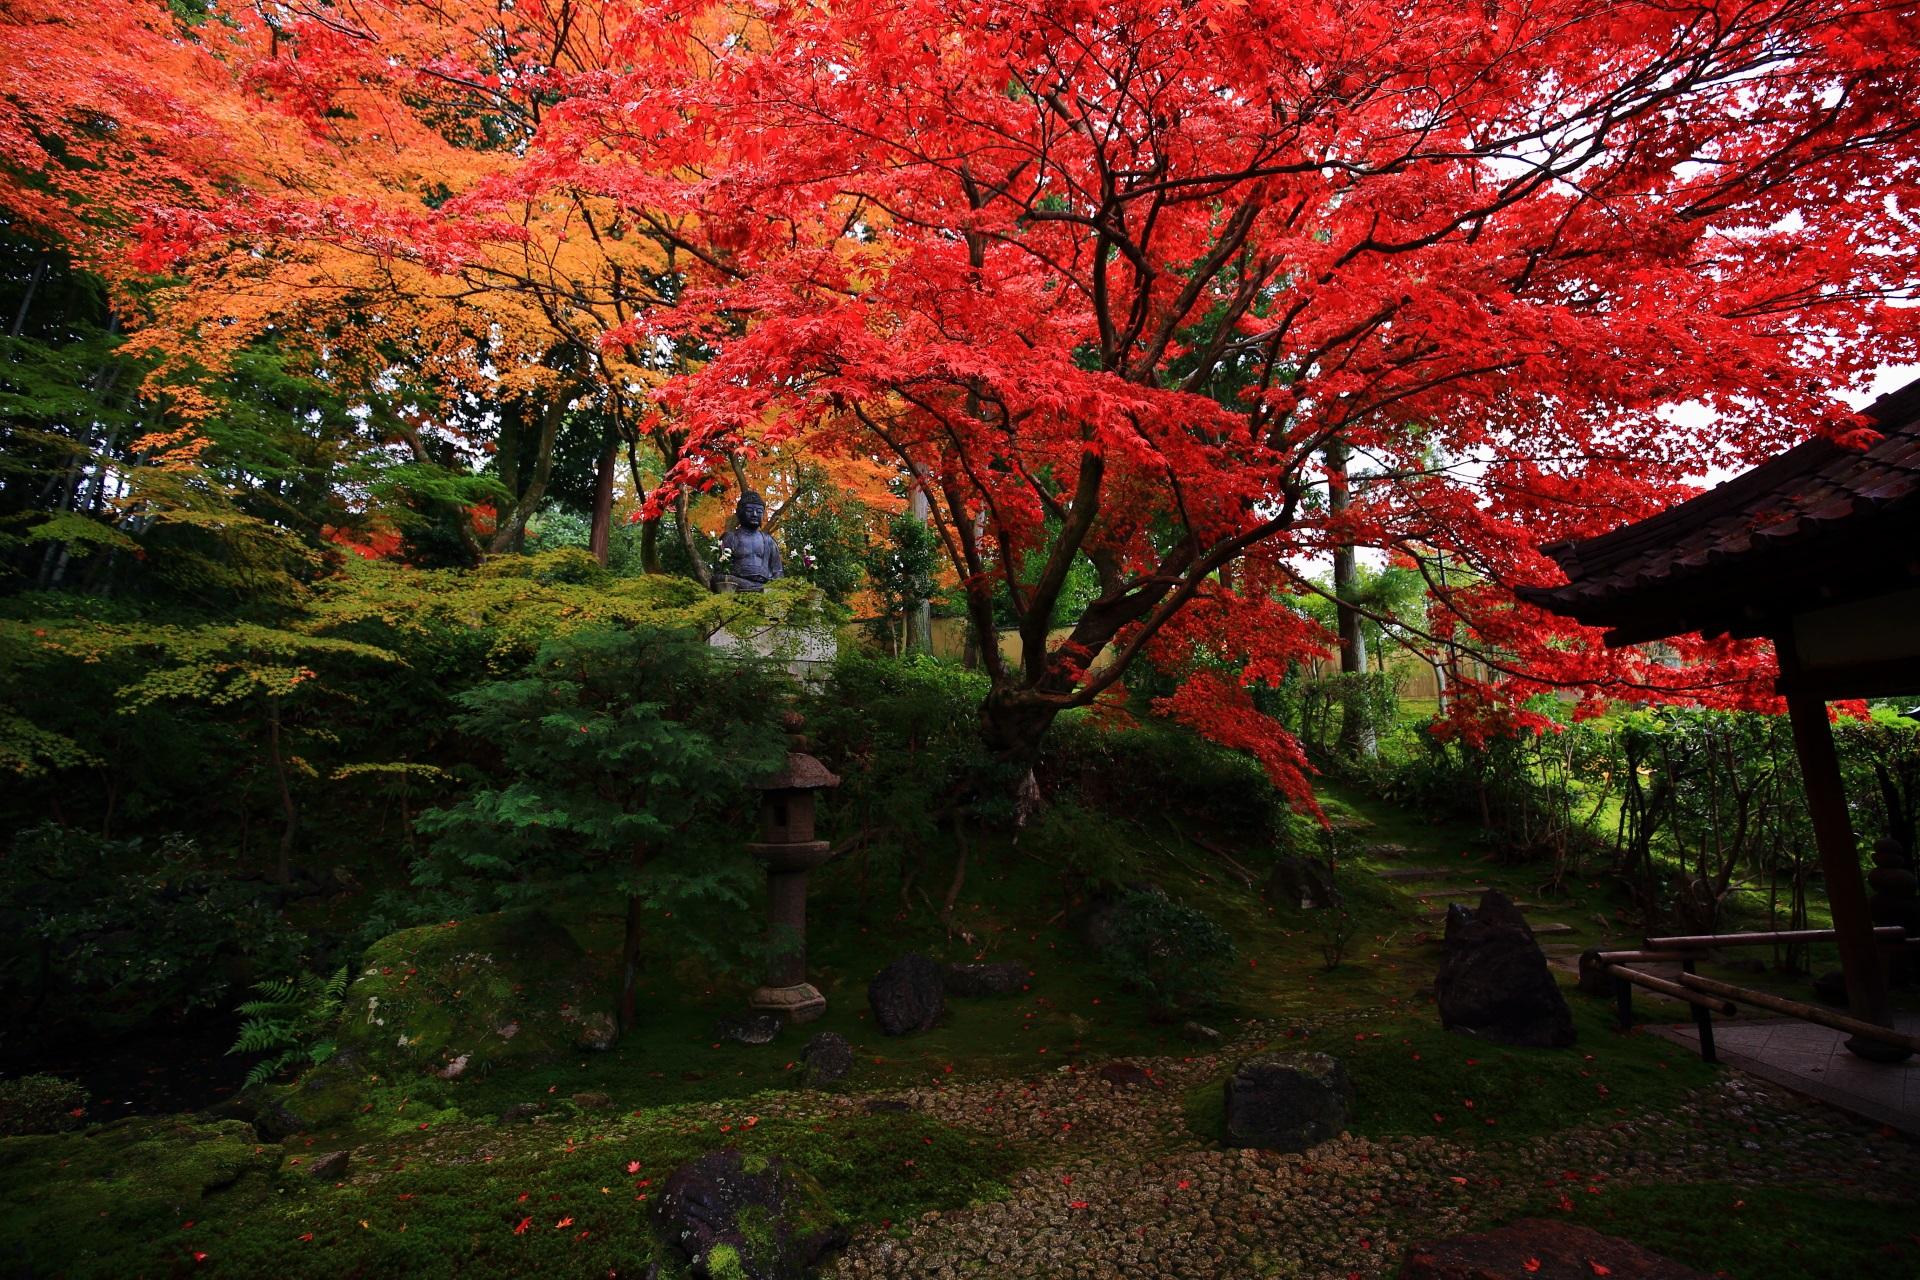 栄摂院の庭園全体をつつむ豪快に色づいた赤とオレンジの紅葉